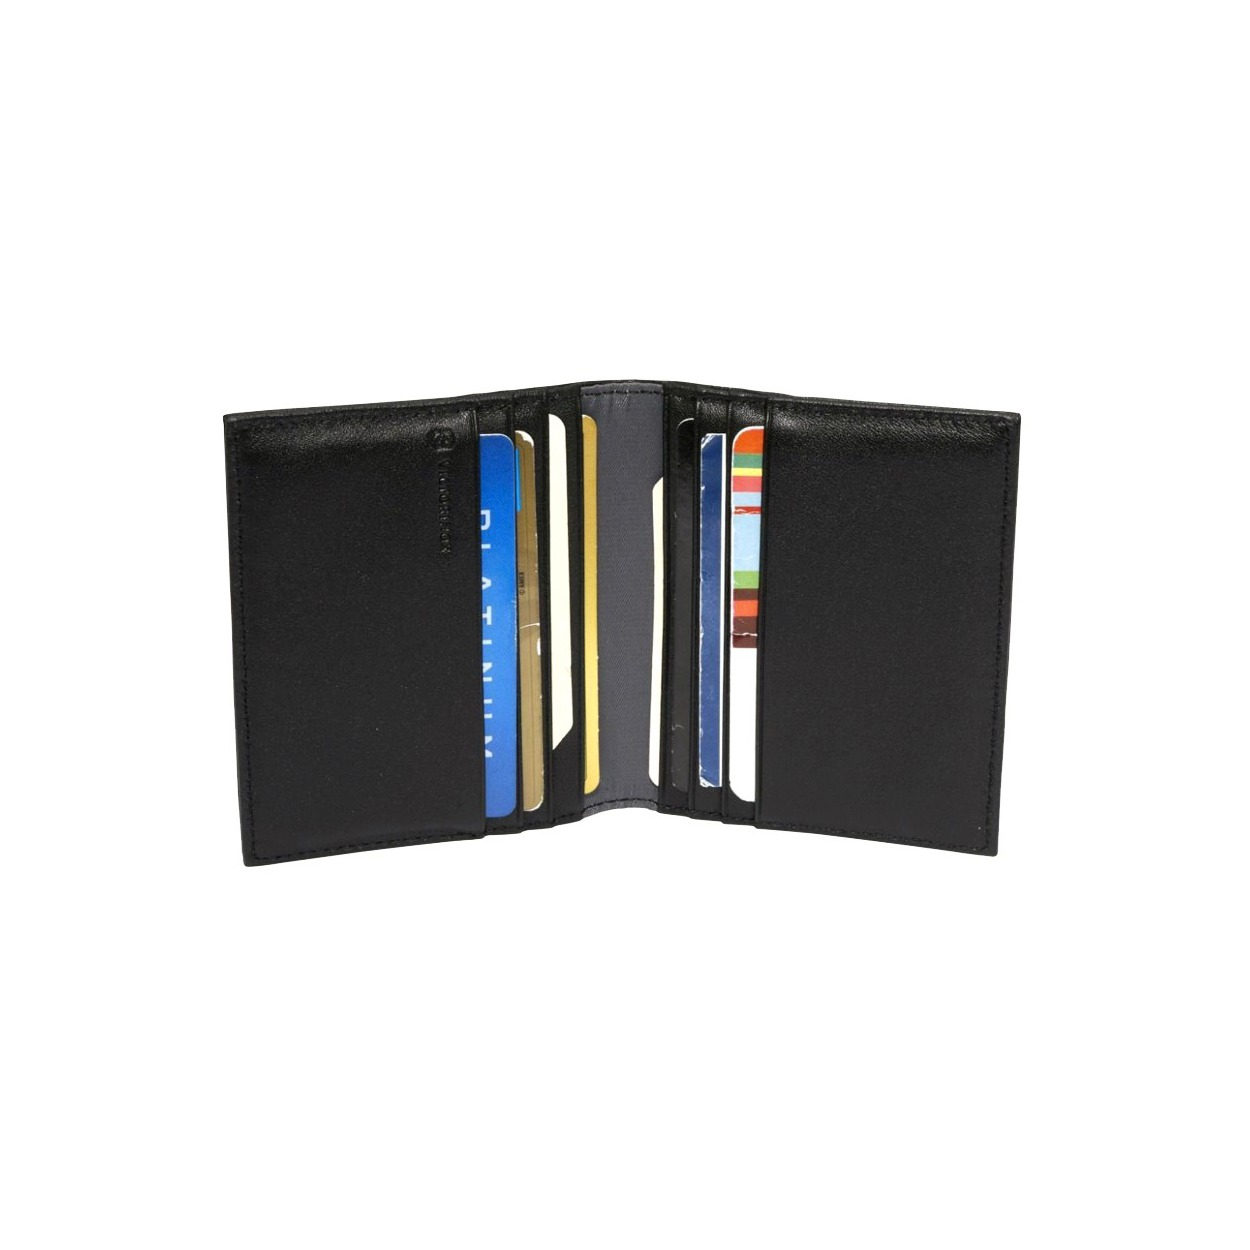 Porte-cartes en cuir lisse 6UxKi